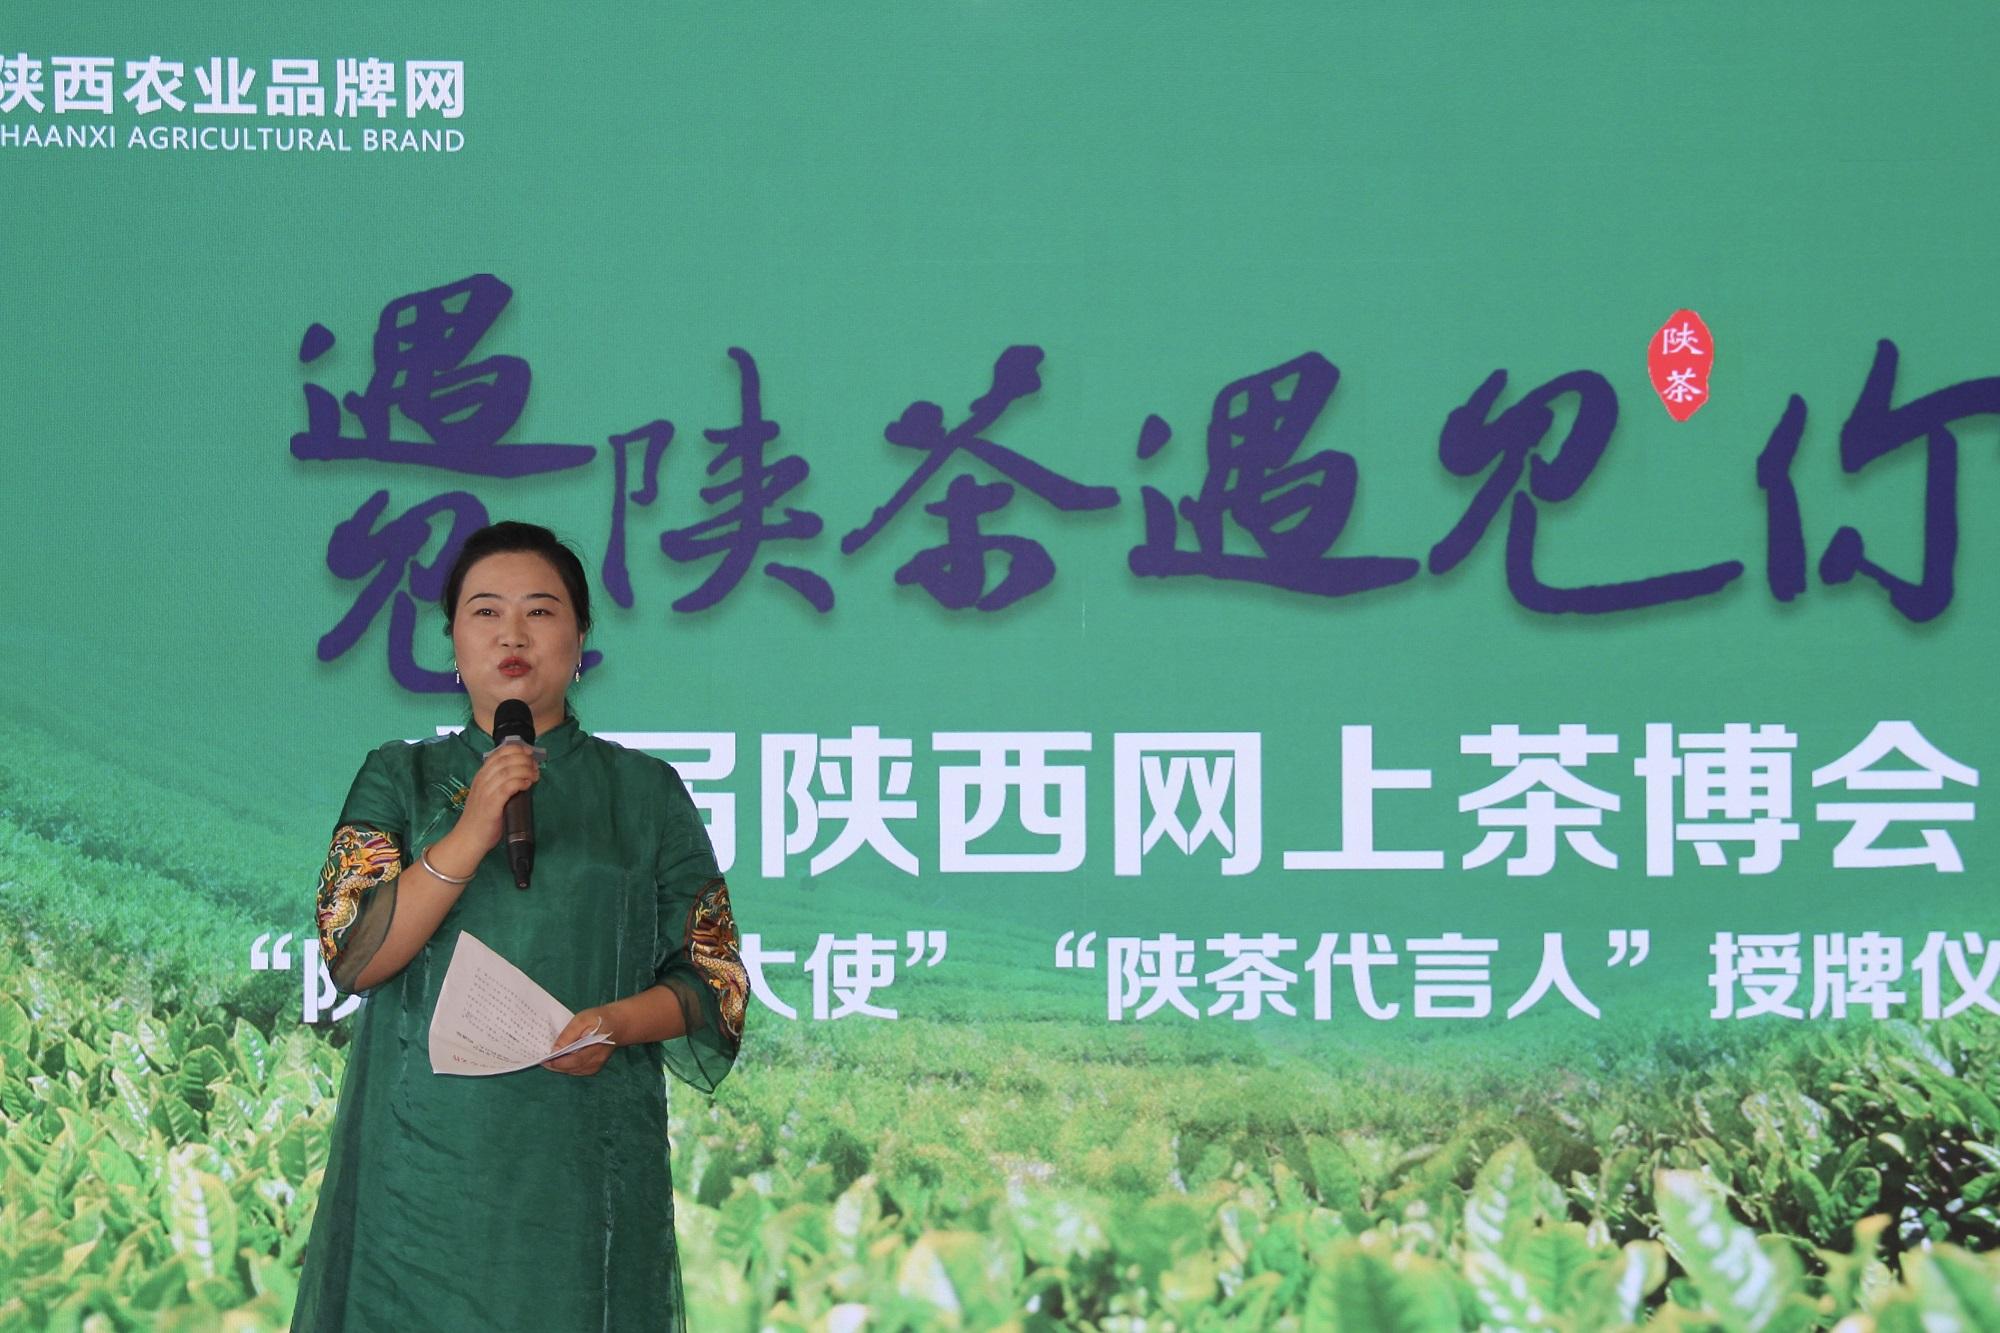 陕西农业品牌网向丹